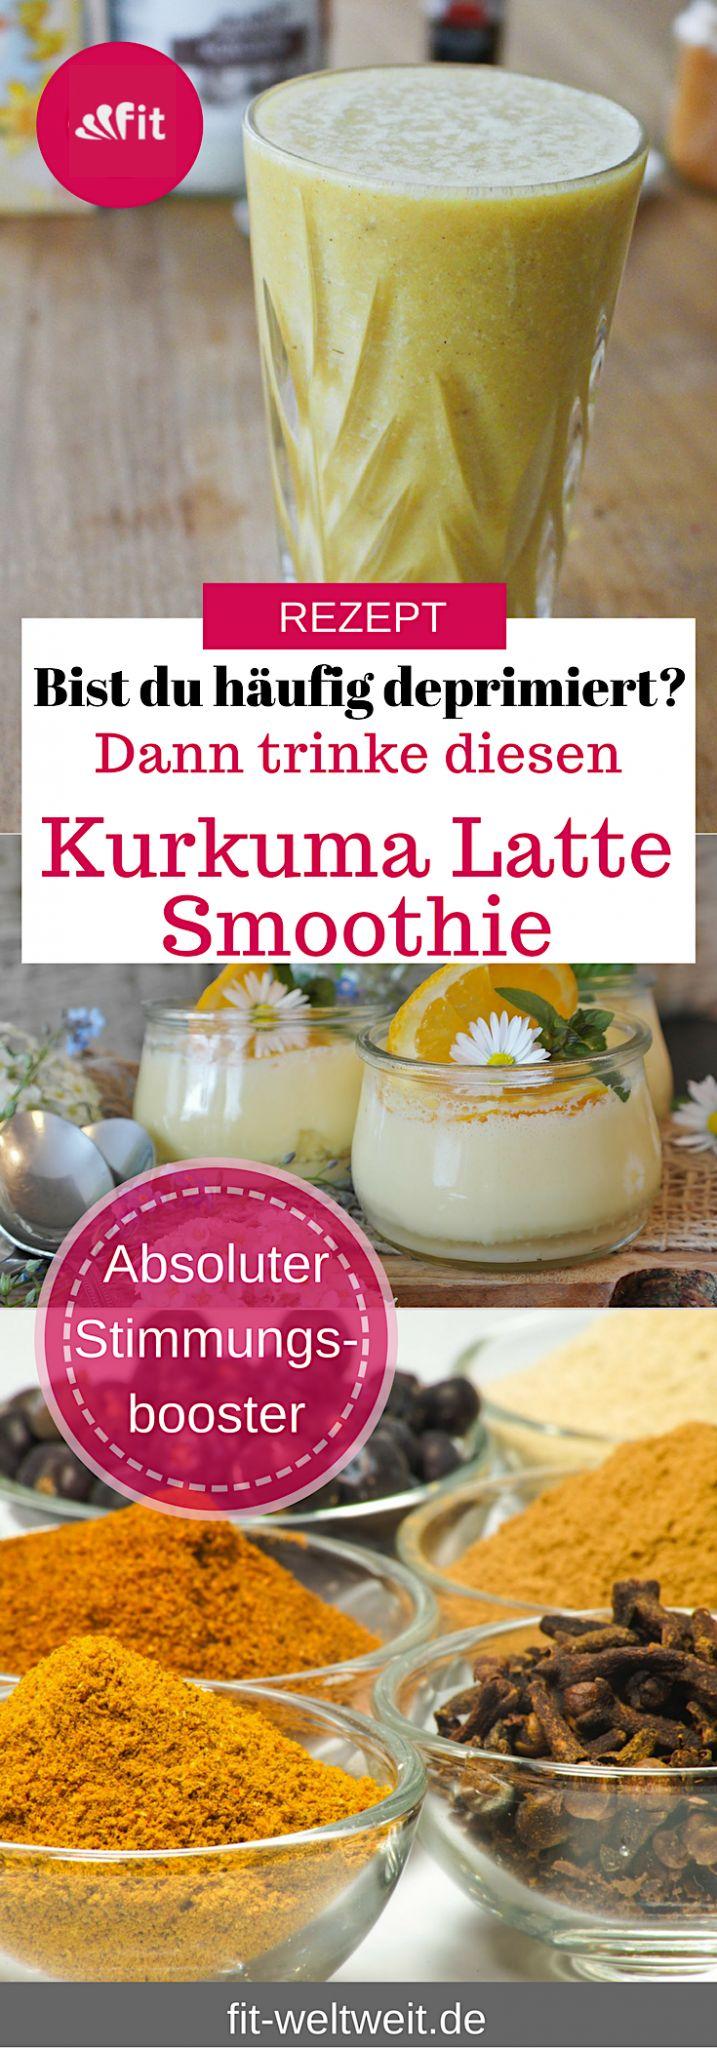 Würziger Lebkuchen Kurkuma Latte – der Smoothie für die Winterzeit